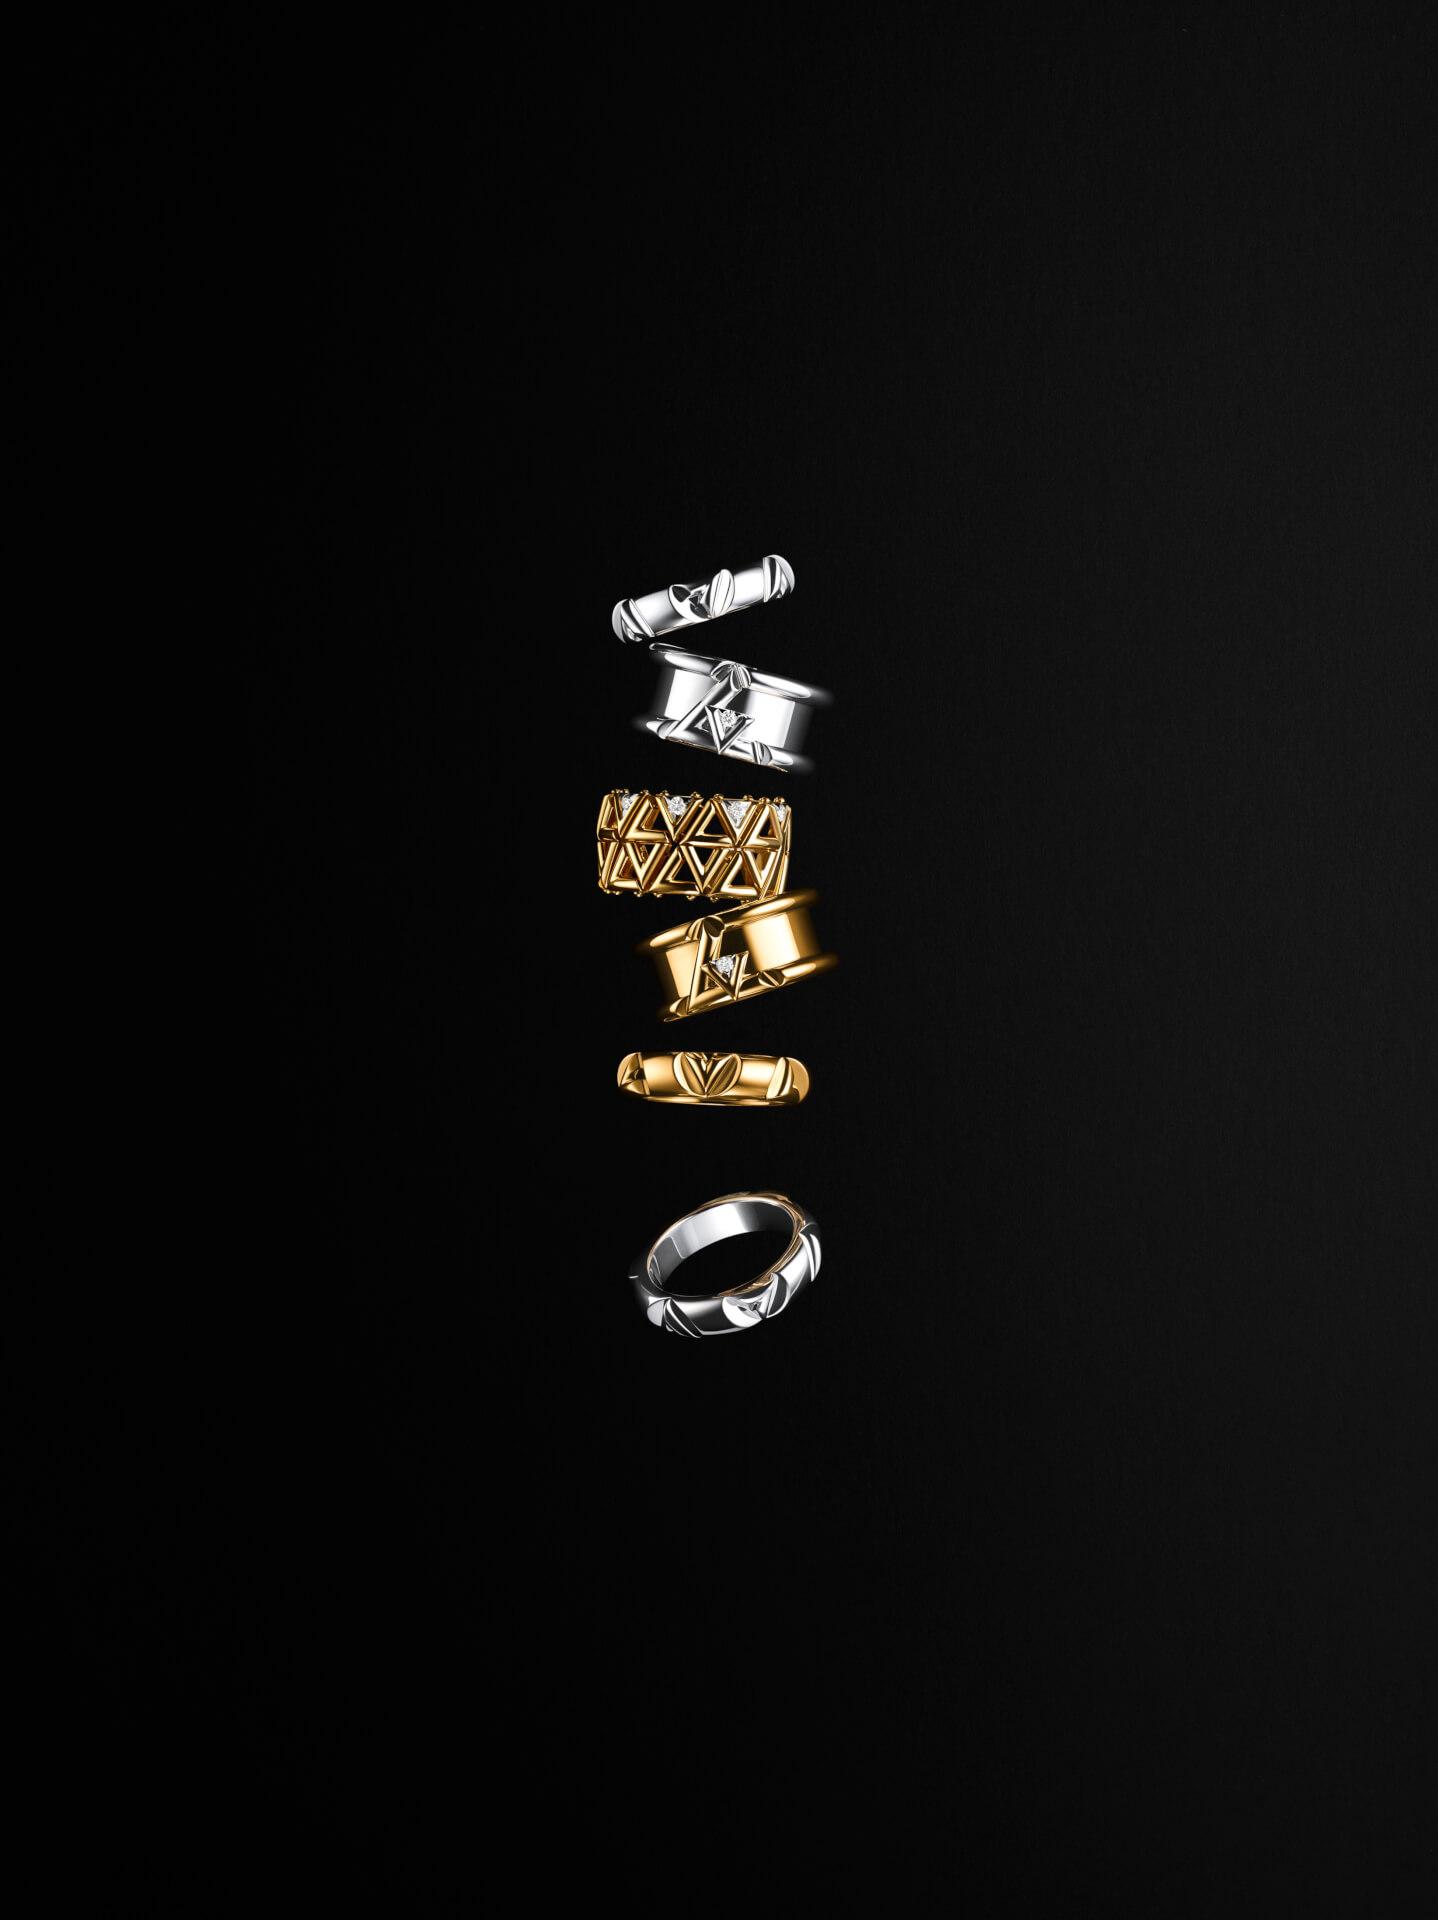 ルイ・ヴィトンから新作ジュエリーコレクション「LV ヴォルト」が発売決定!ブランド初となるユニセックスのデザインに fashion2020728_louisvuitton3